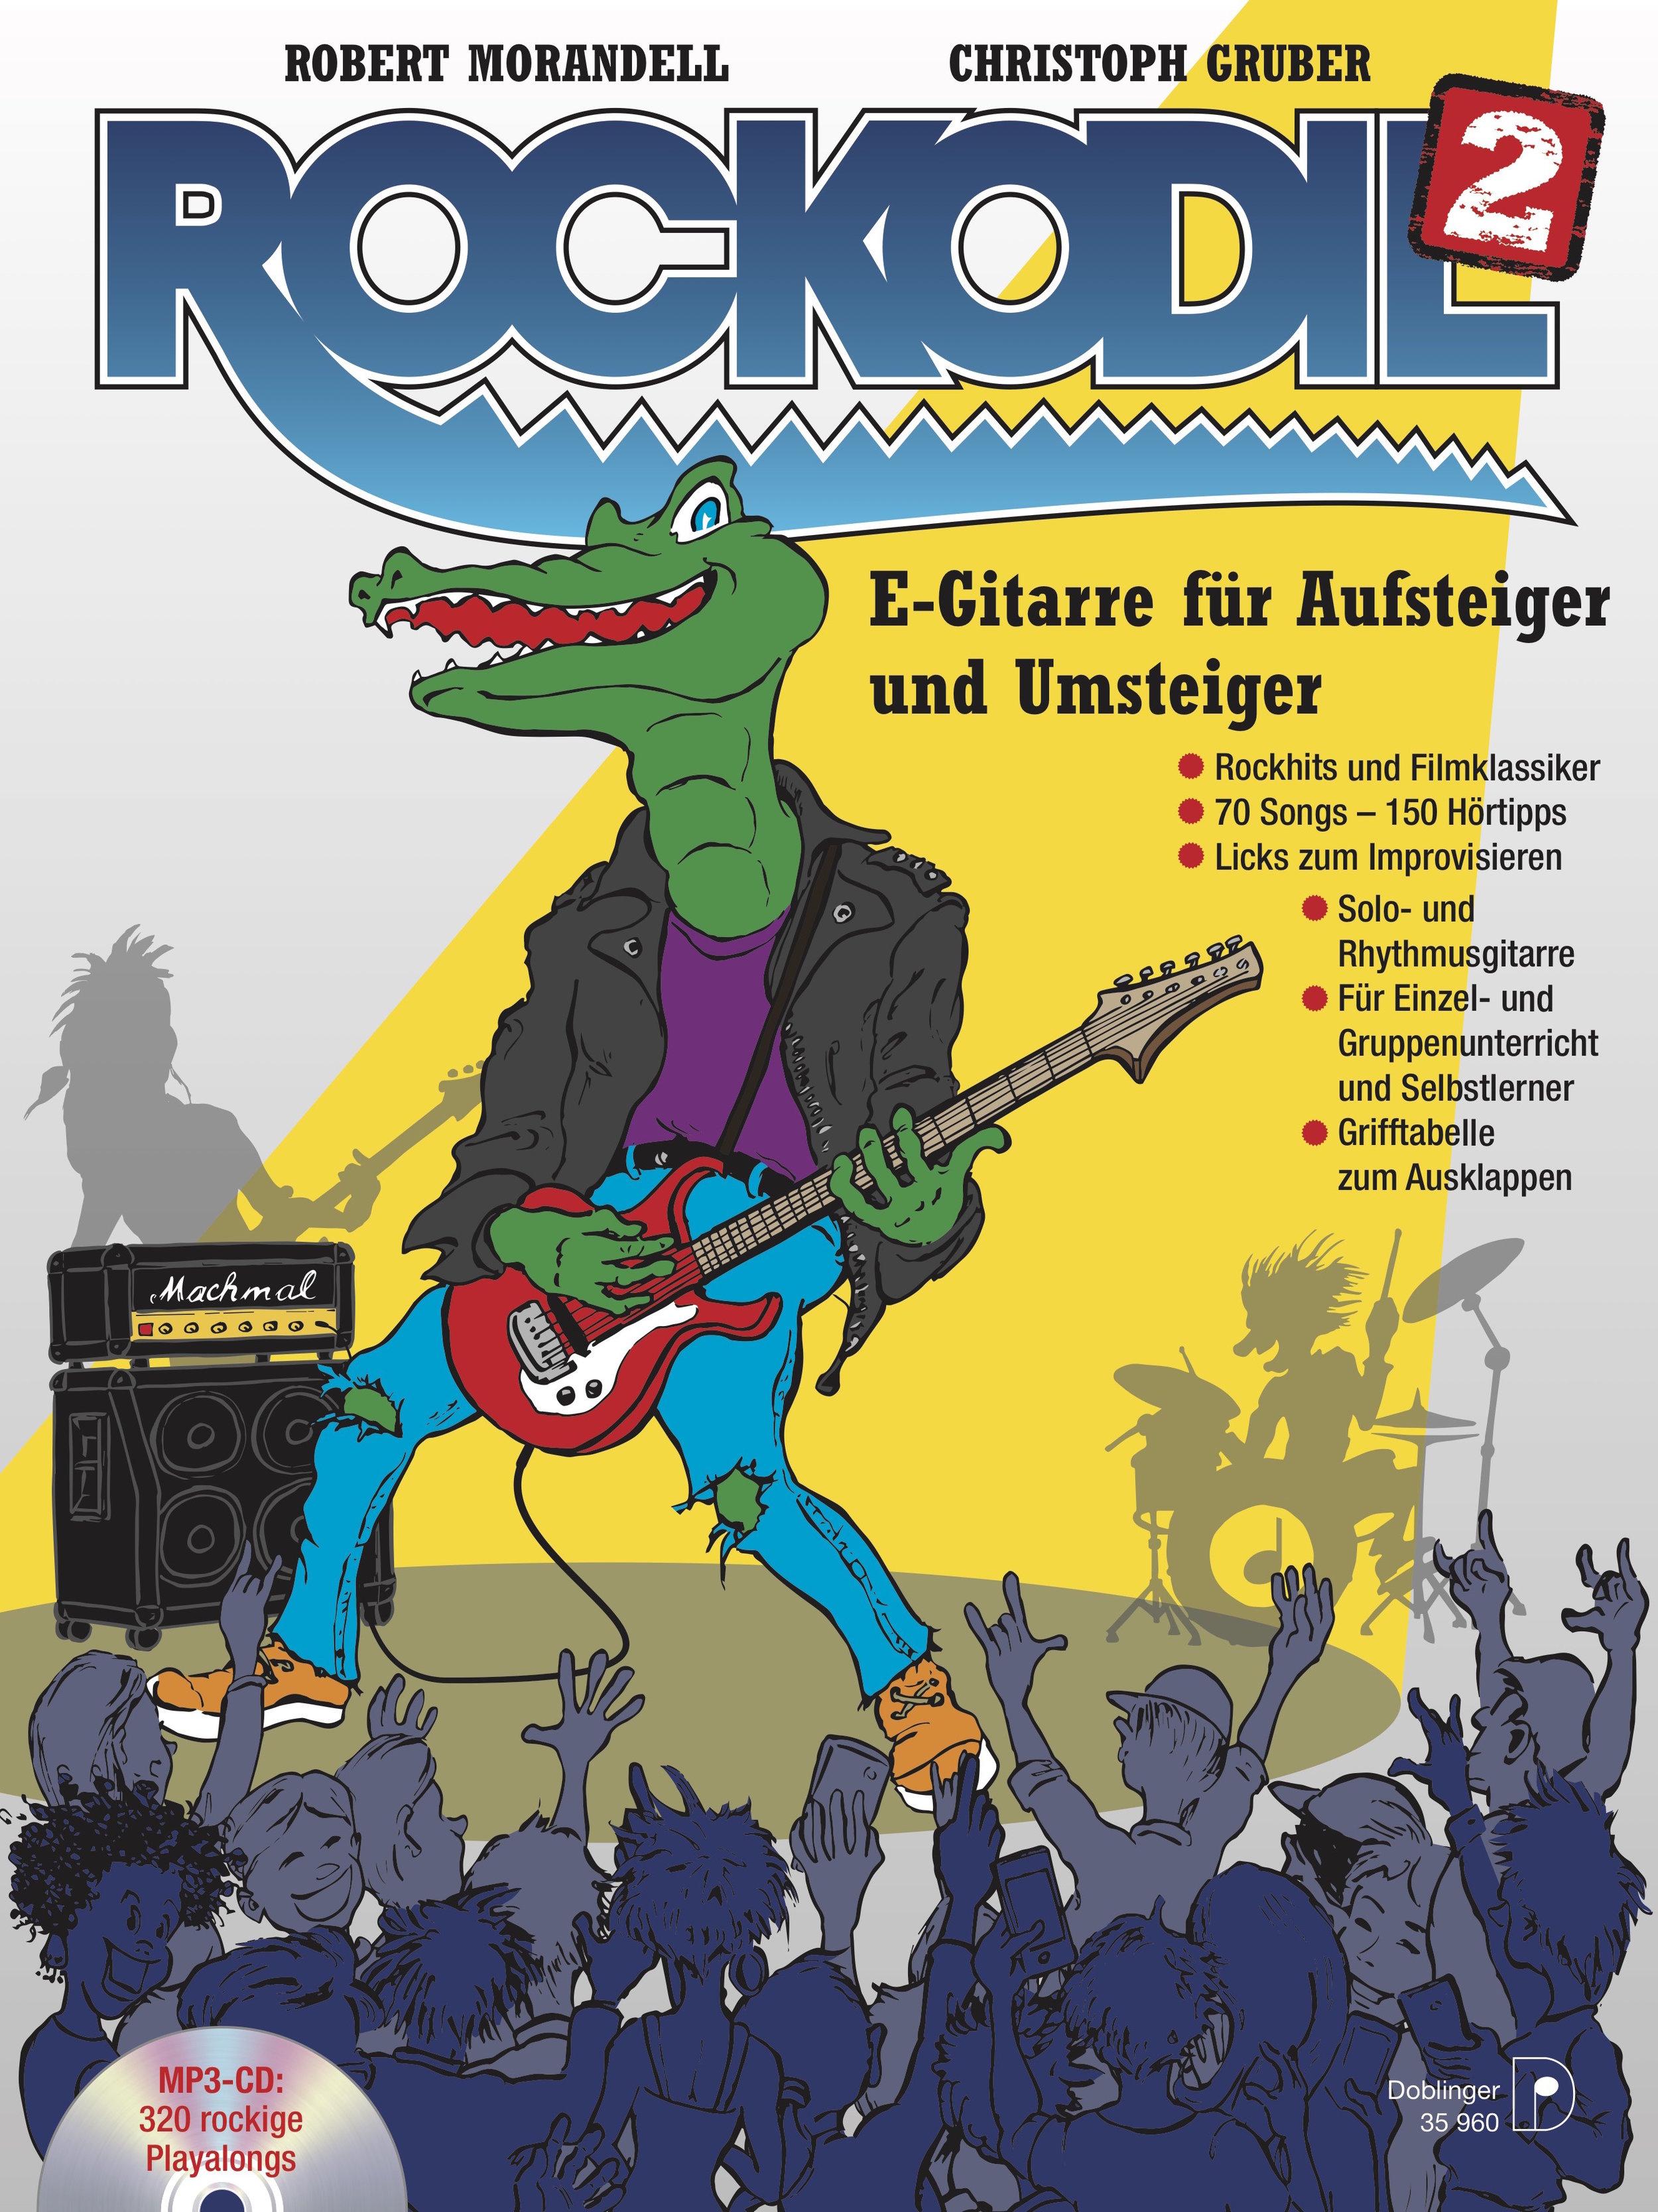 doblinger-morandell-gruber-rockodil-band2.jpg